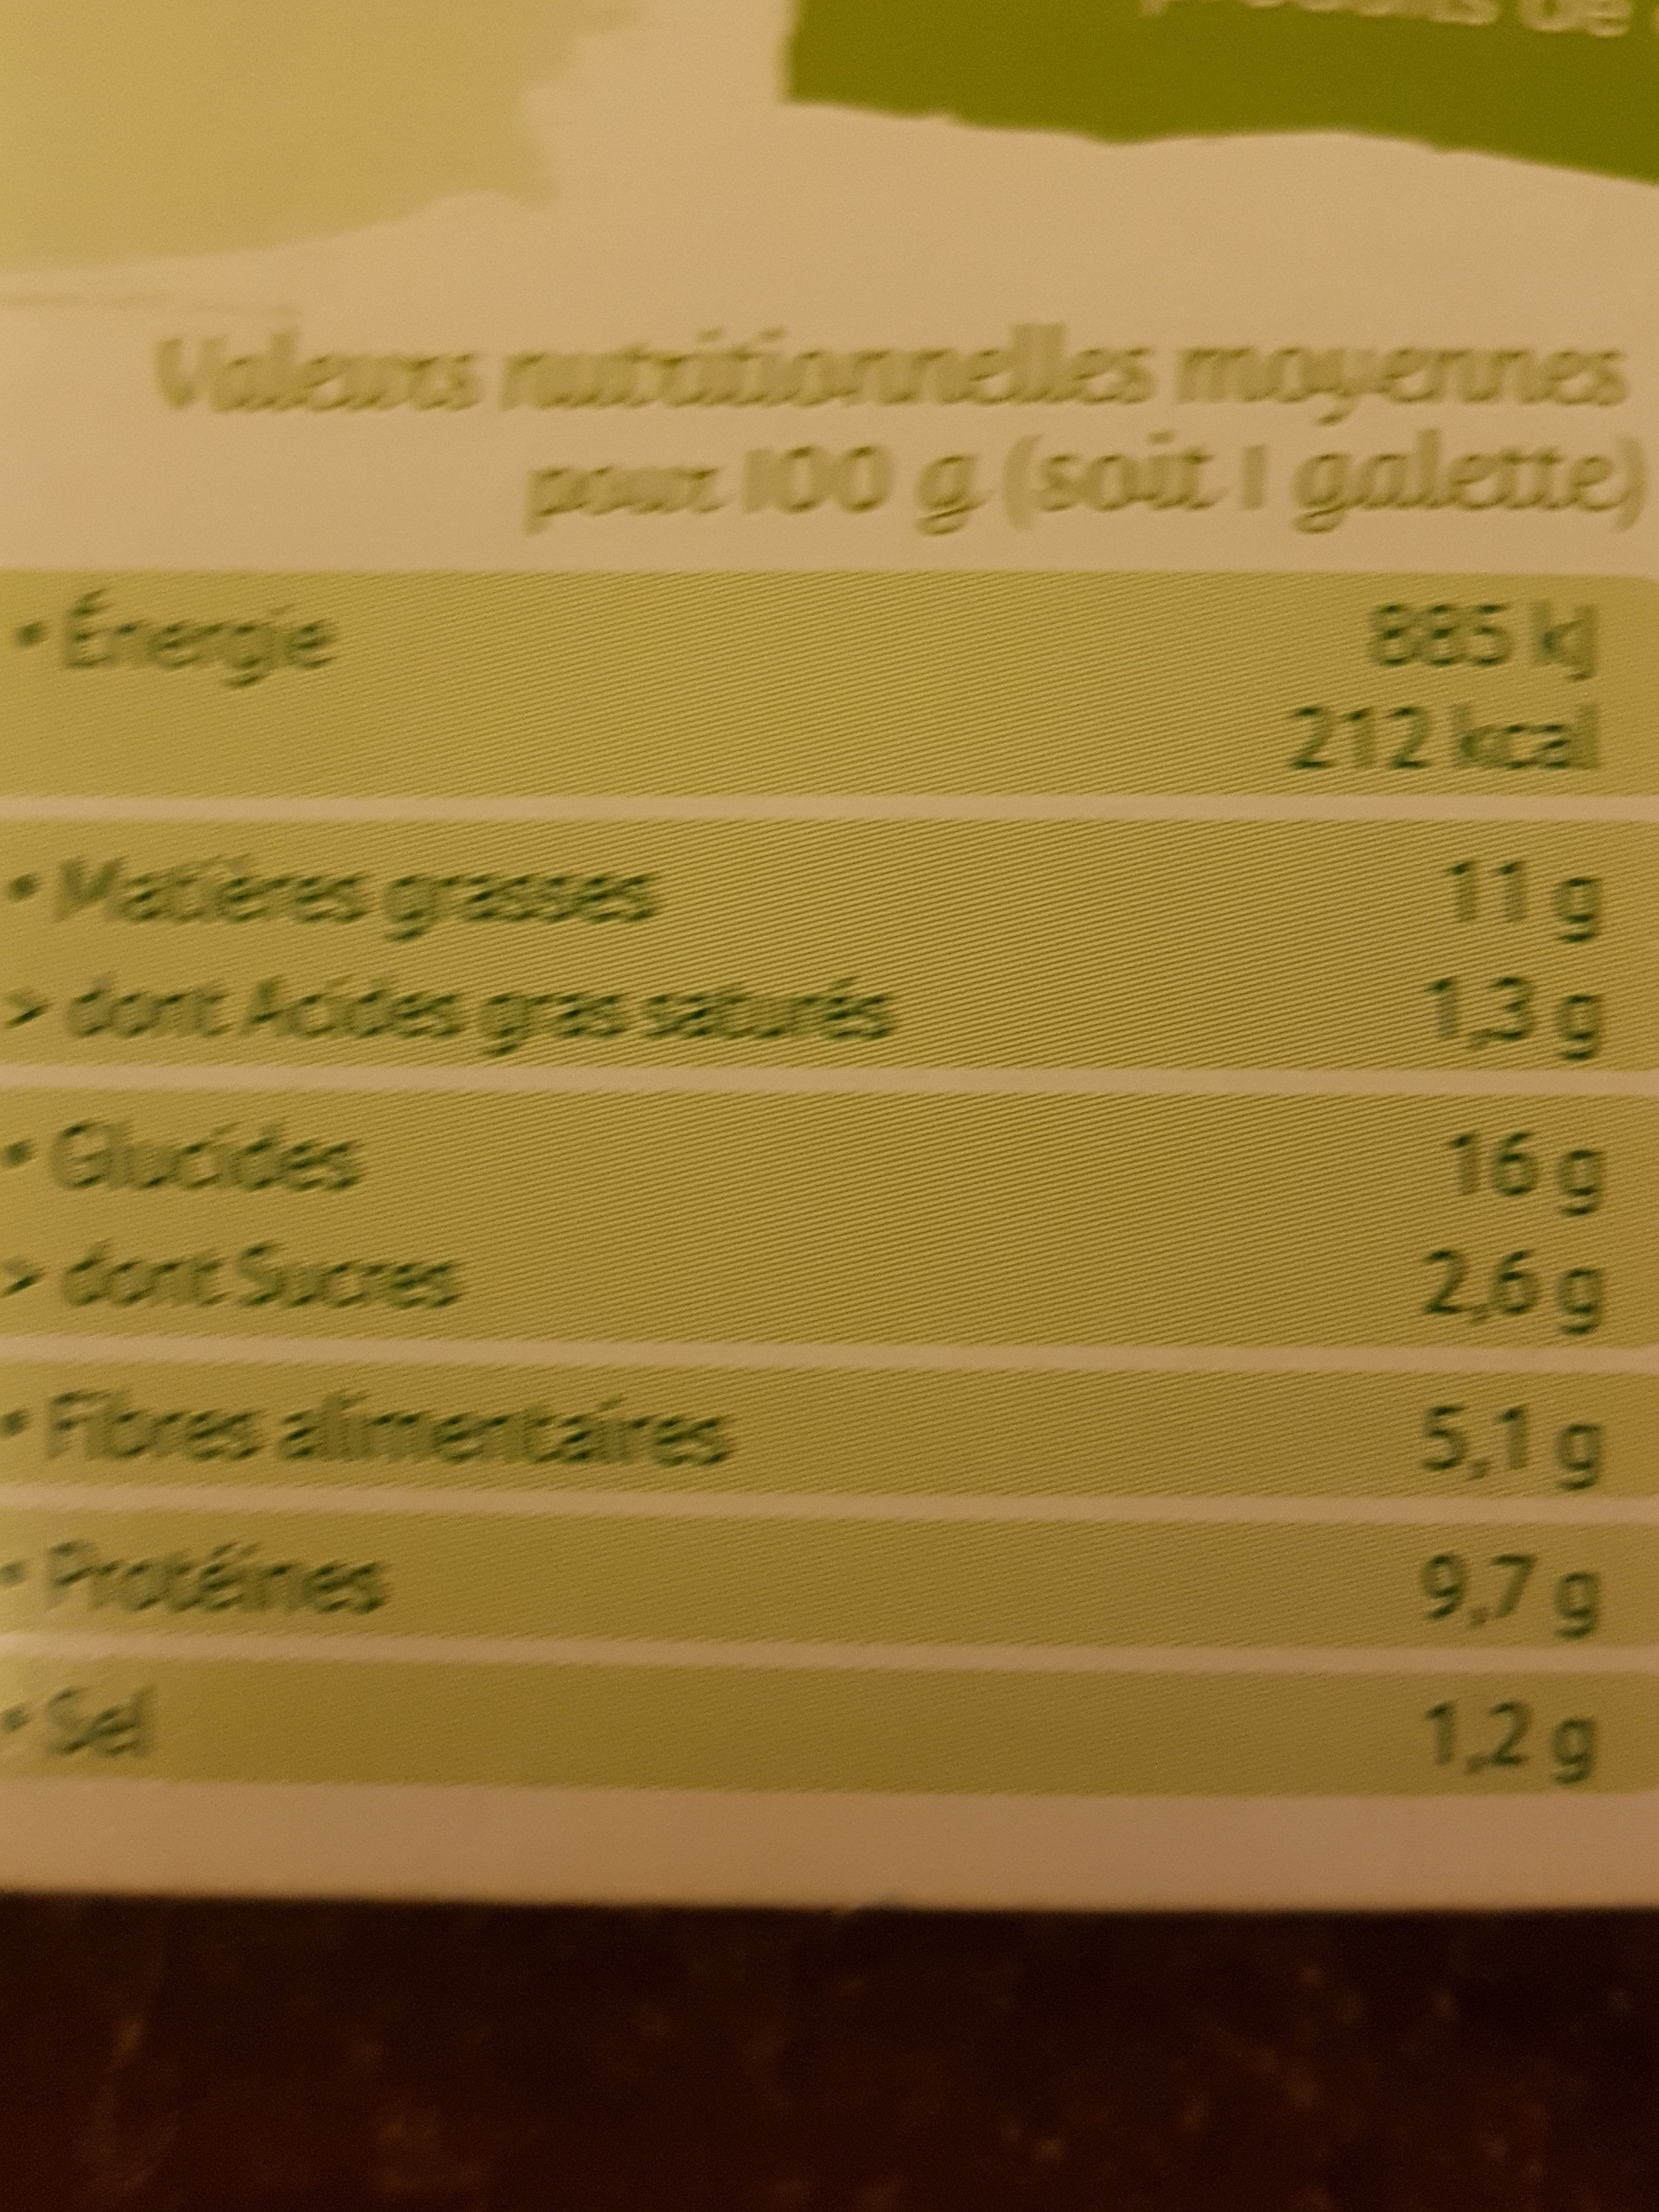 Pavé fondant olives et épices façon tajine - Informations nutritionnelles - fr